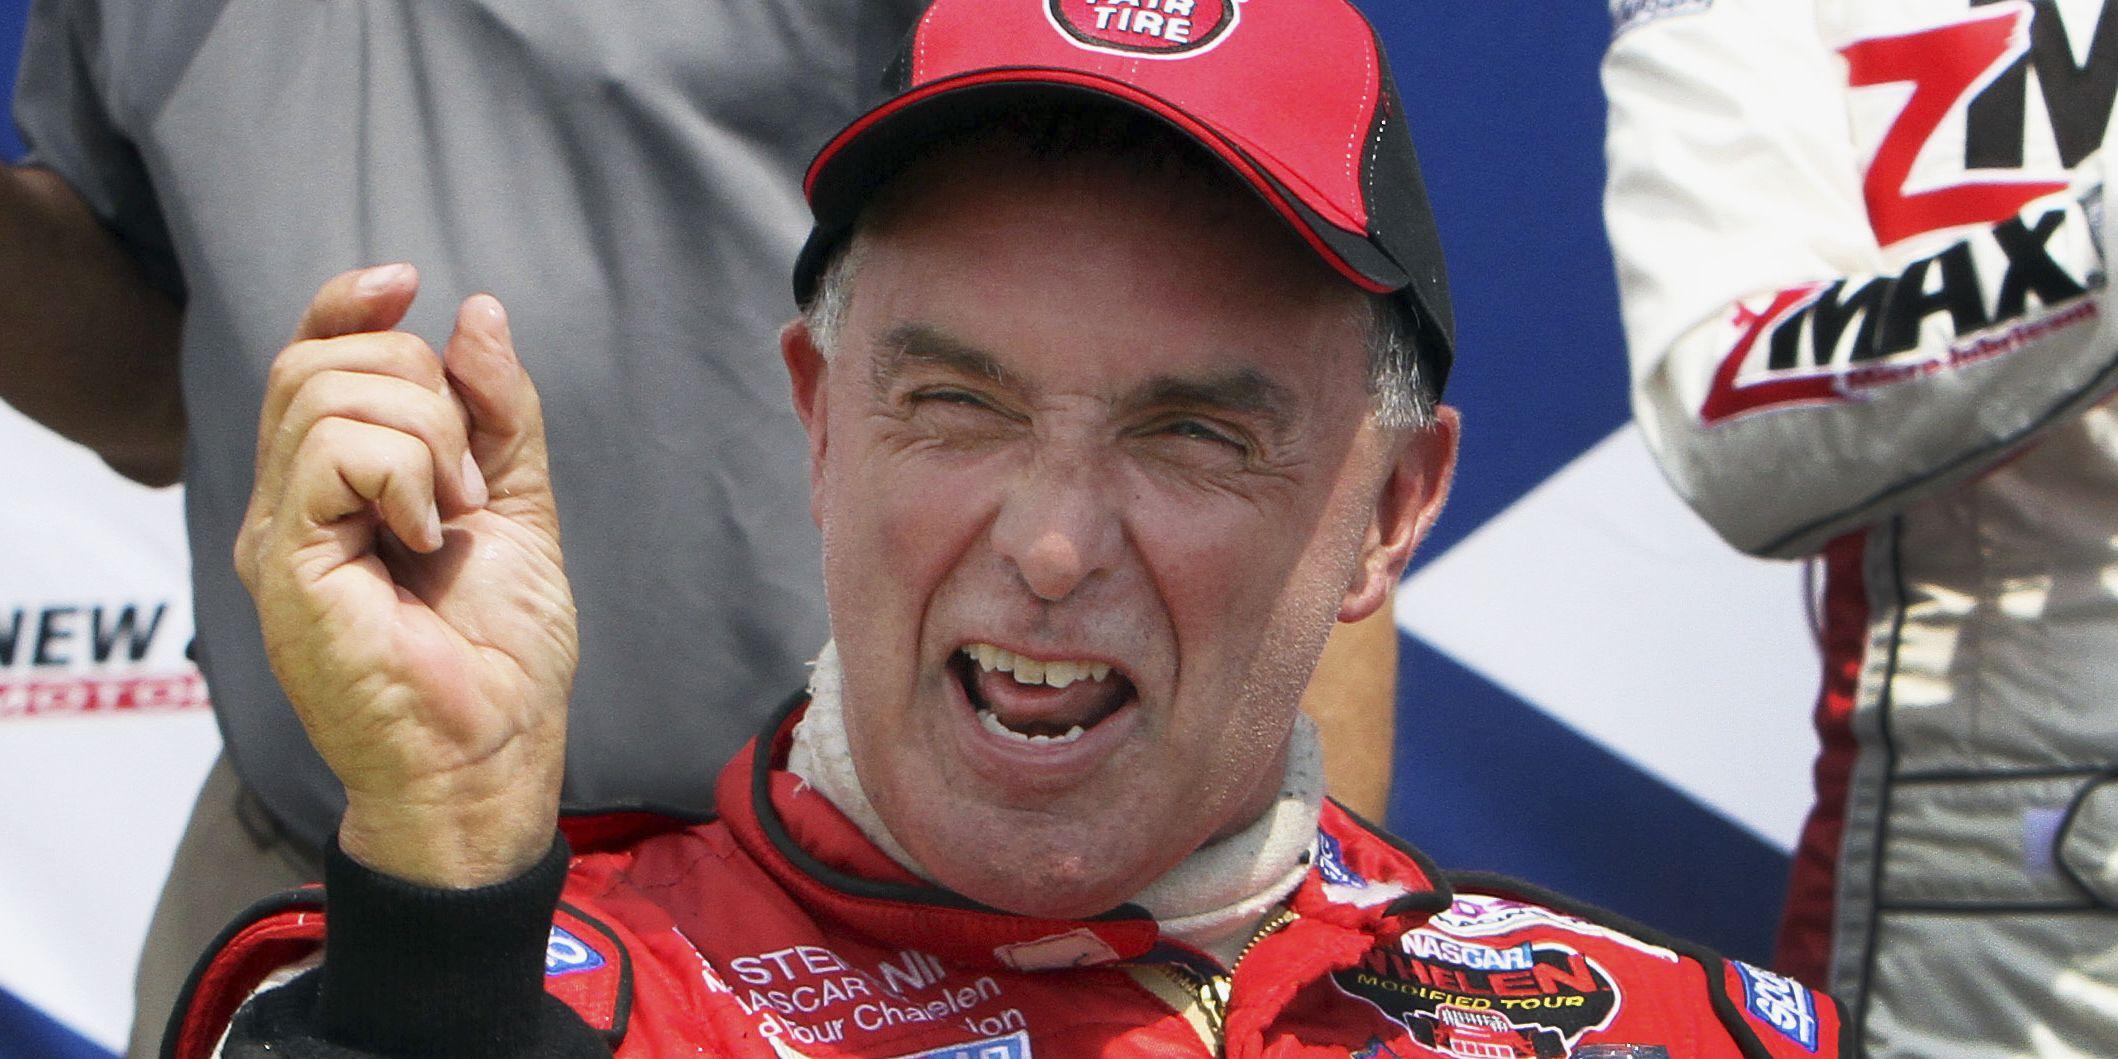 Former NASCAR driver Stefanik killed in single-engine plane crash